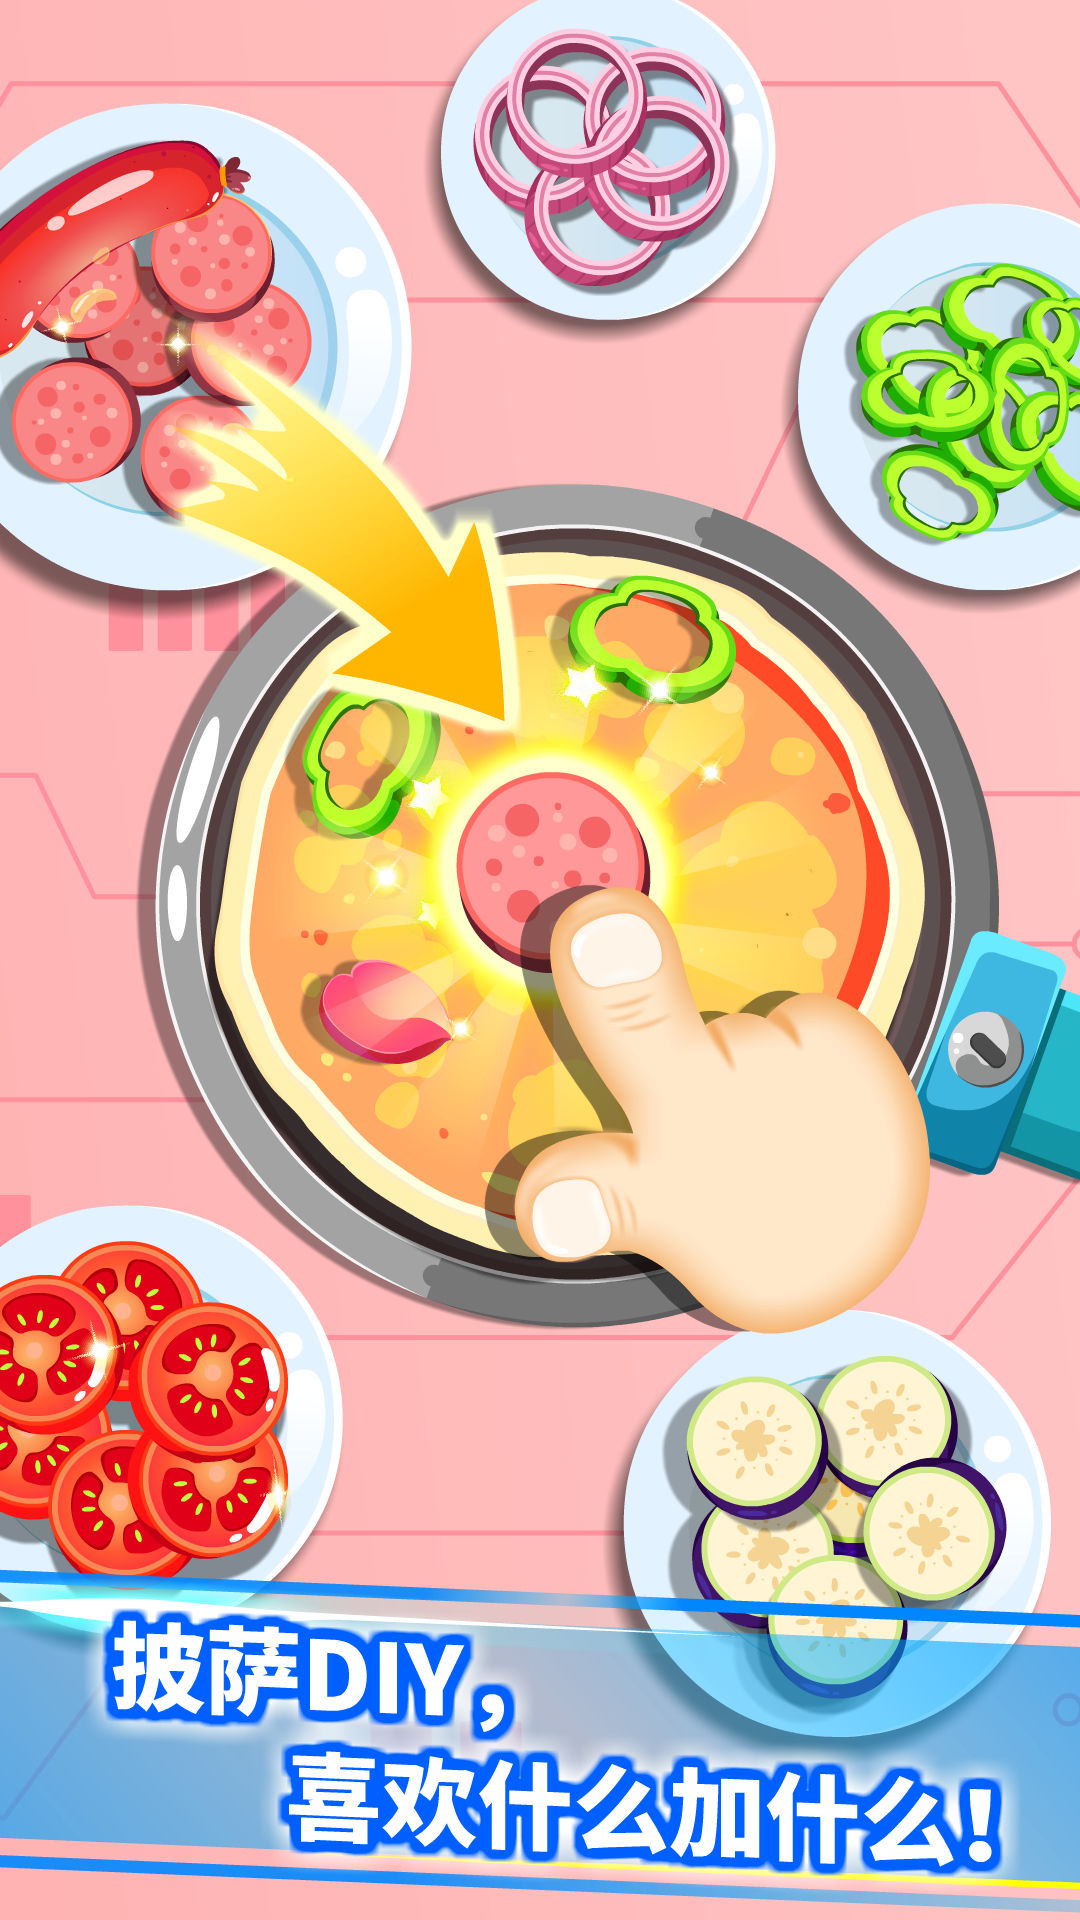 宝宝星际厨房-宝宝巴士-应用截图